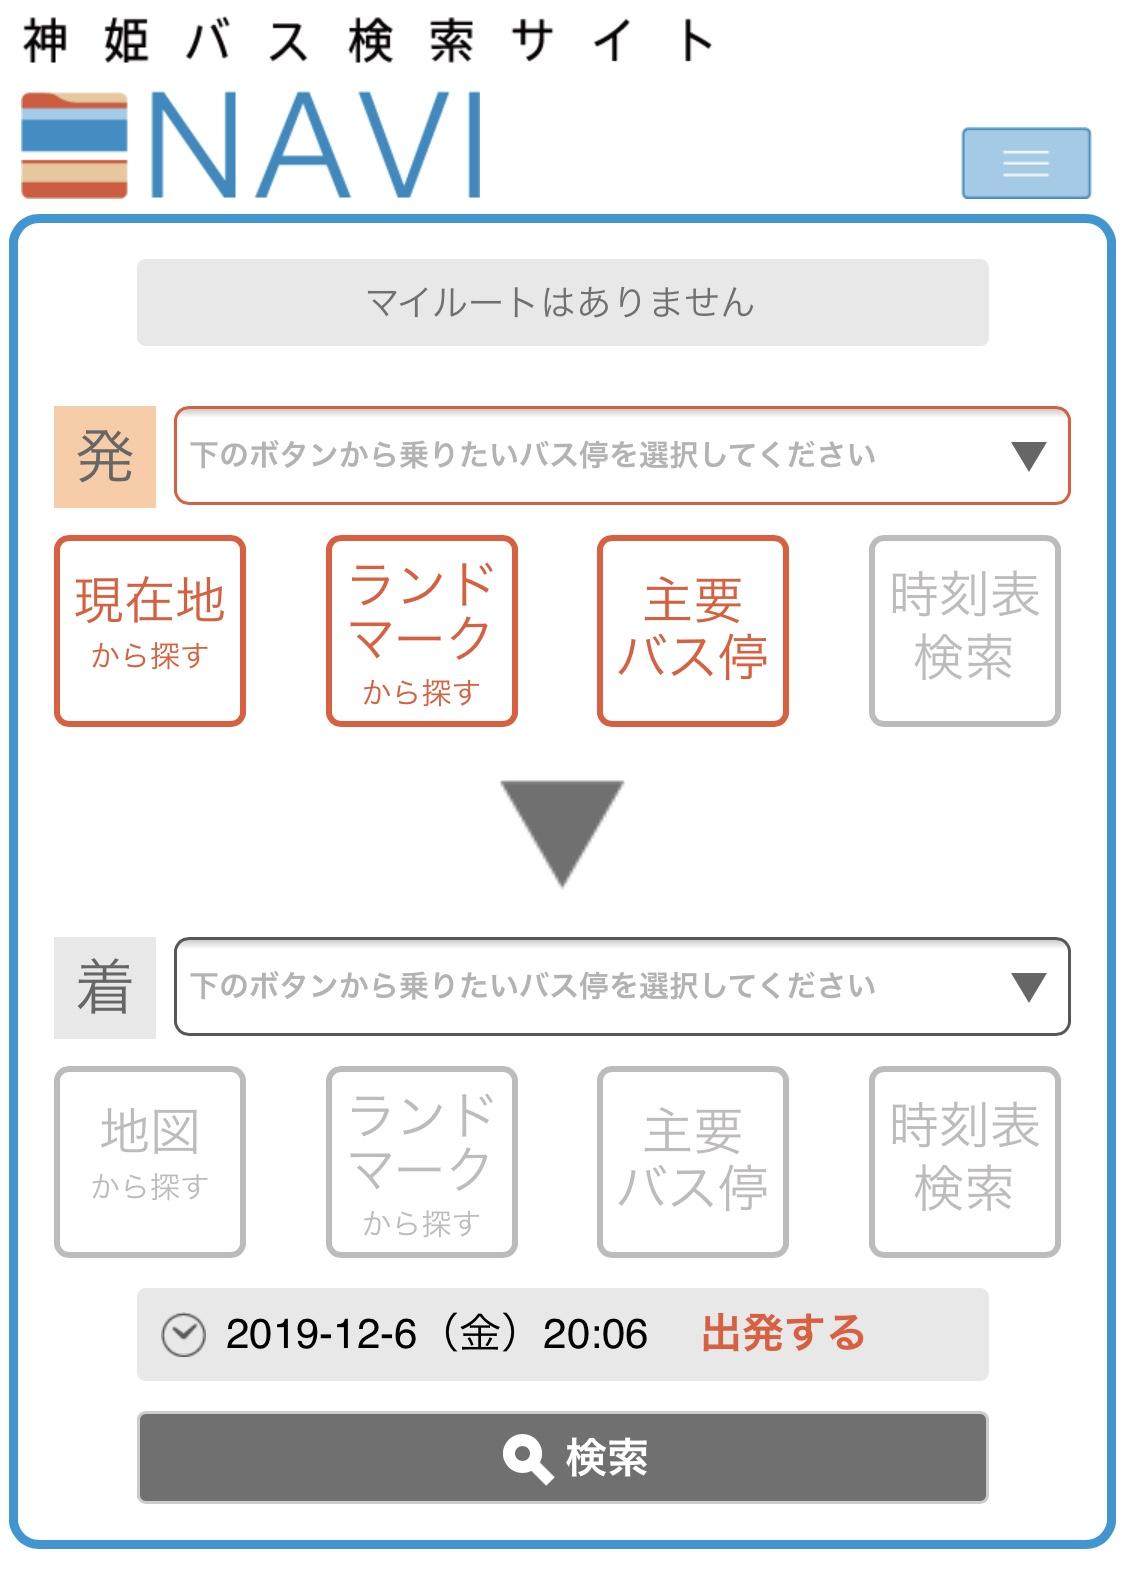 神姫バス検索サイト